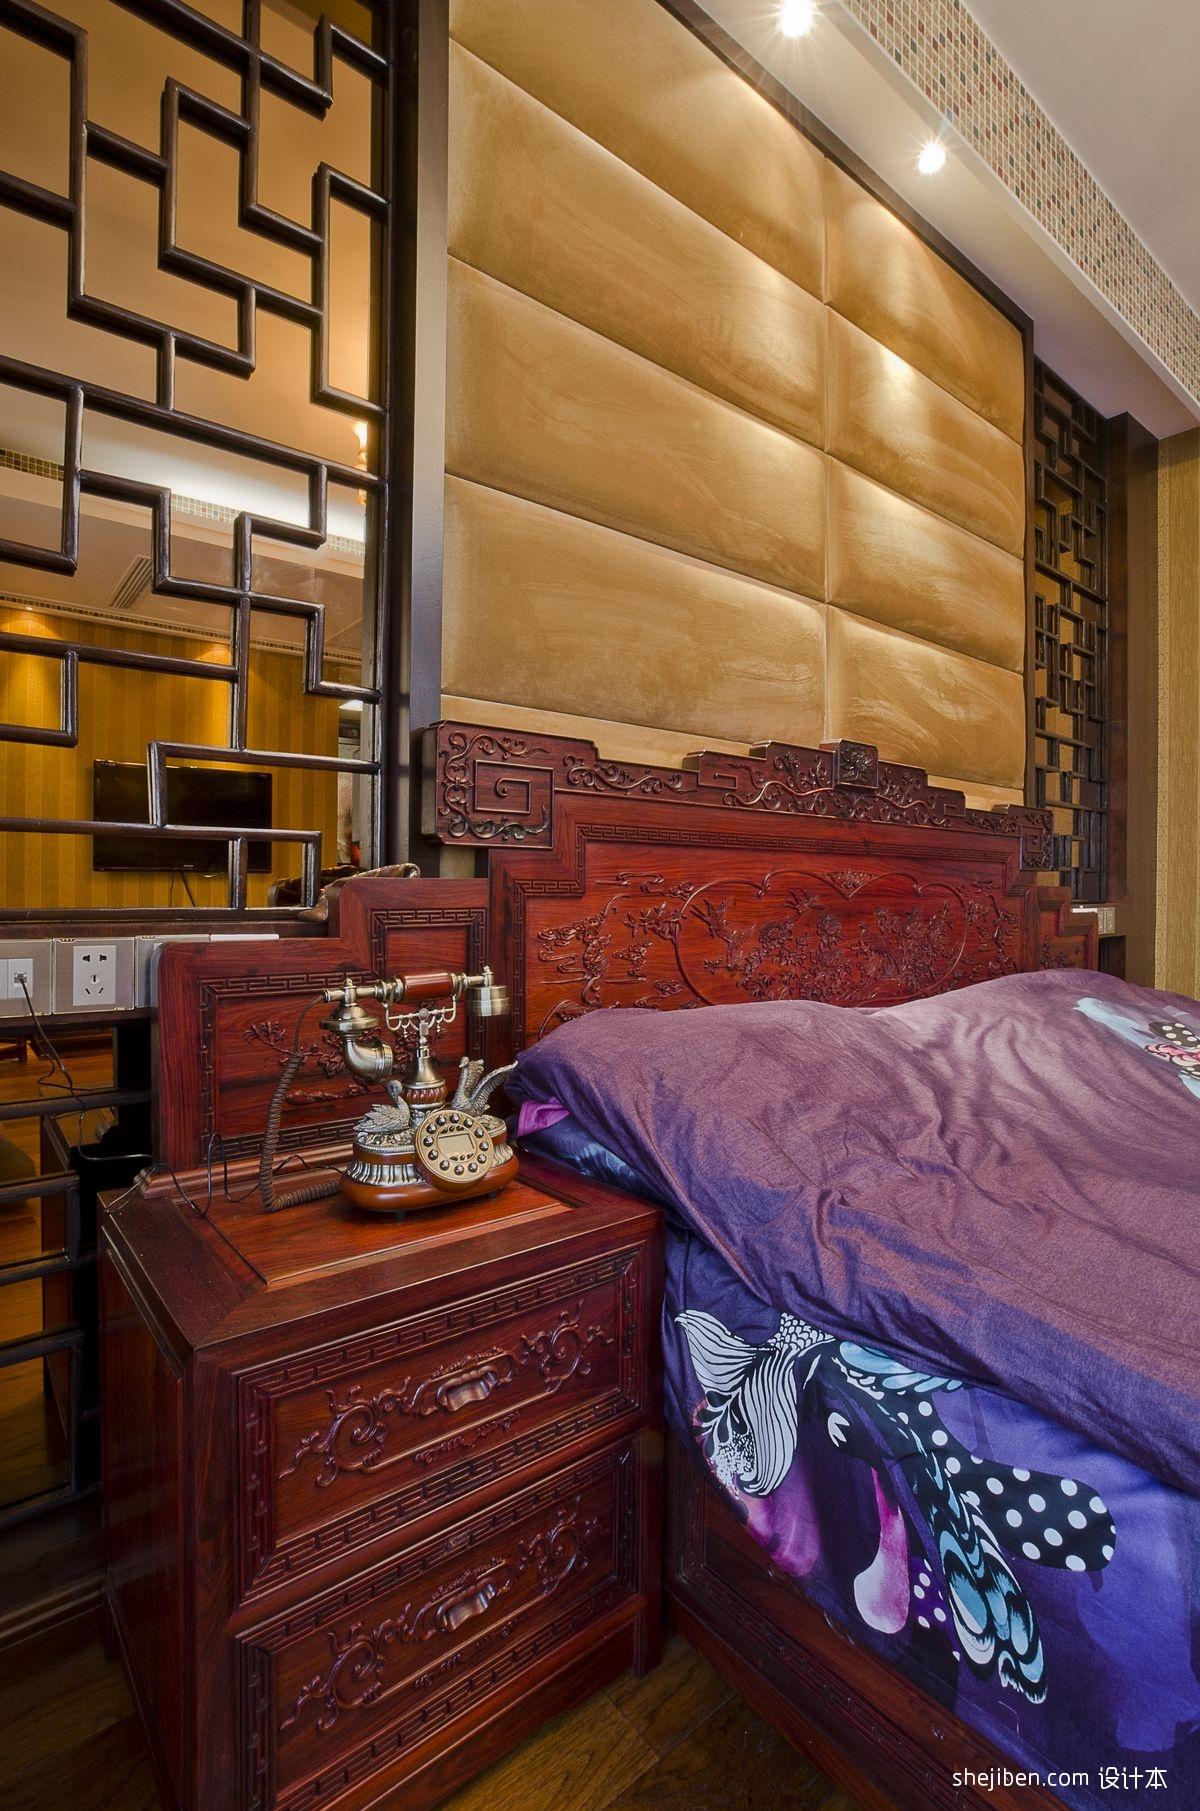 中式风格别墅主卧室床头软包背景墙装修效果图